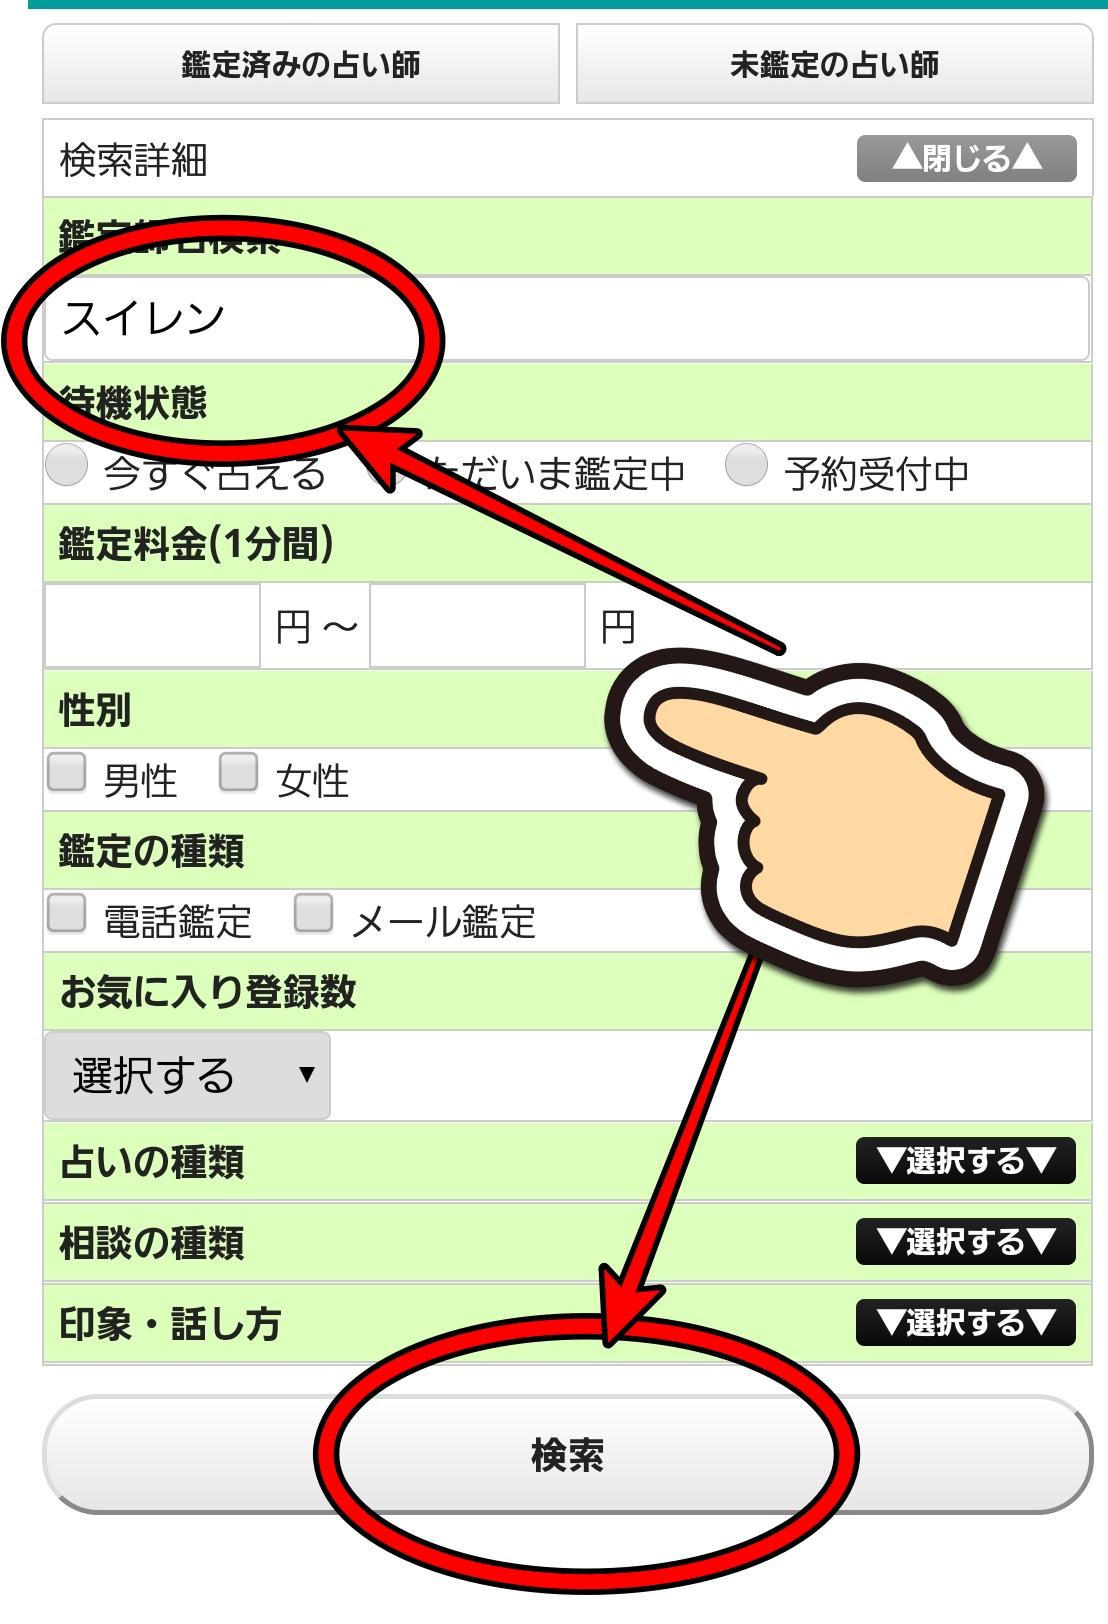 電話占いピュアリで粋蓮先生の予約を取る方法